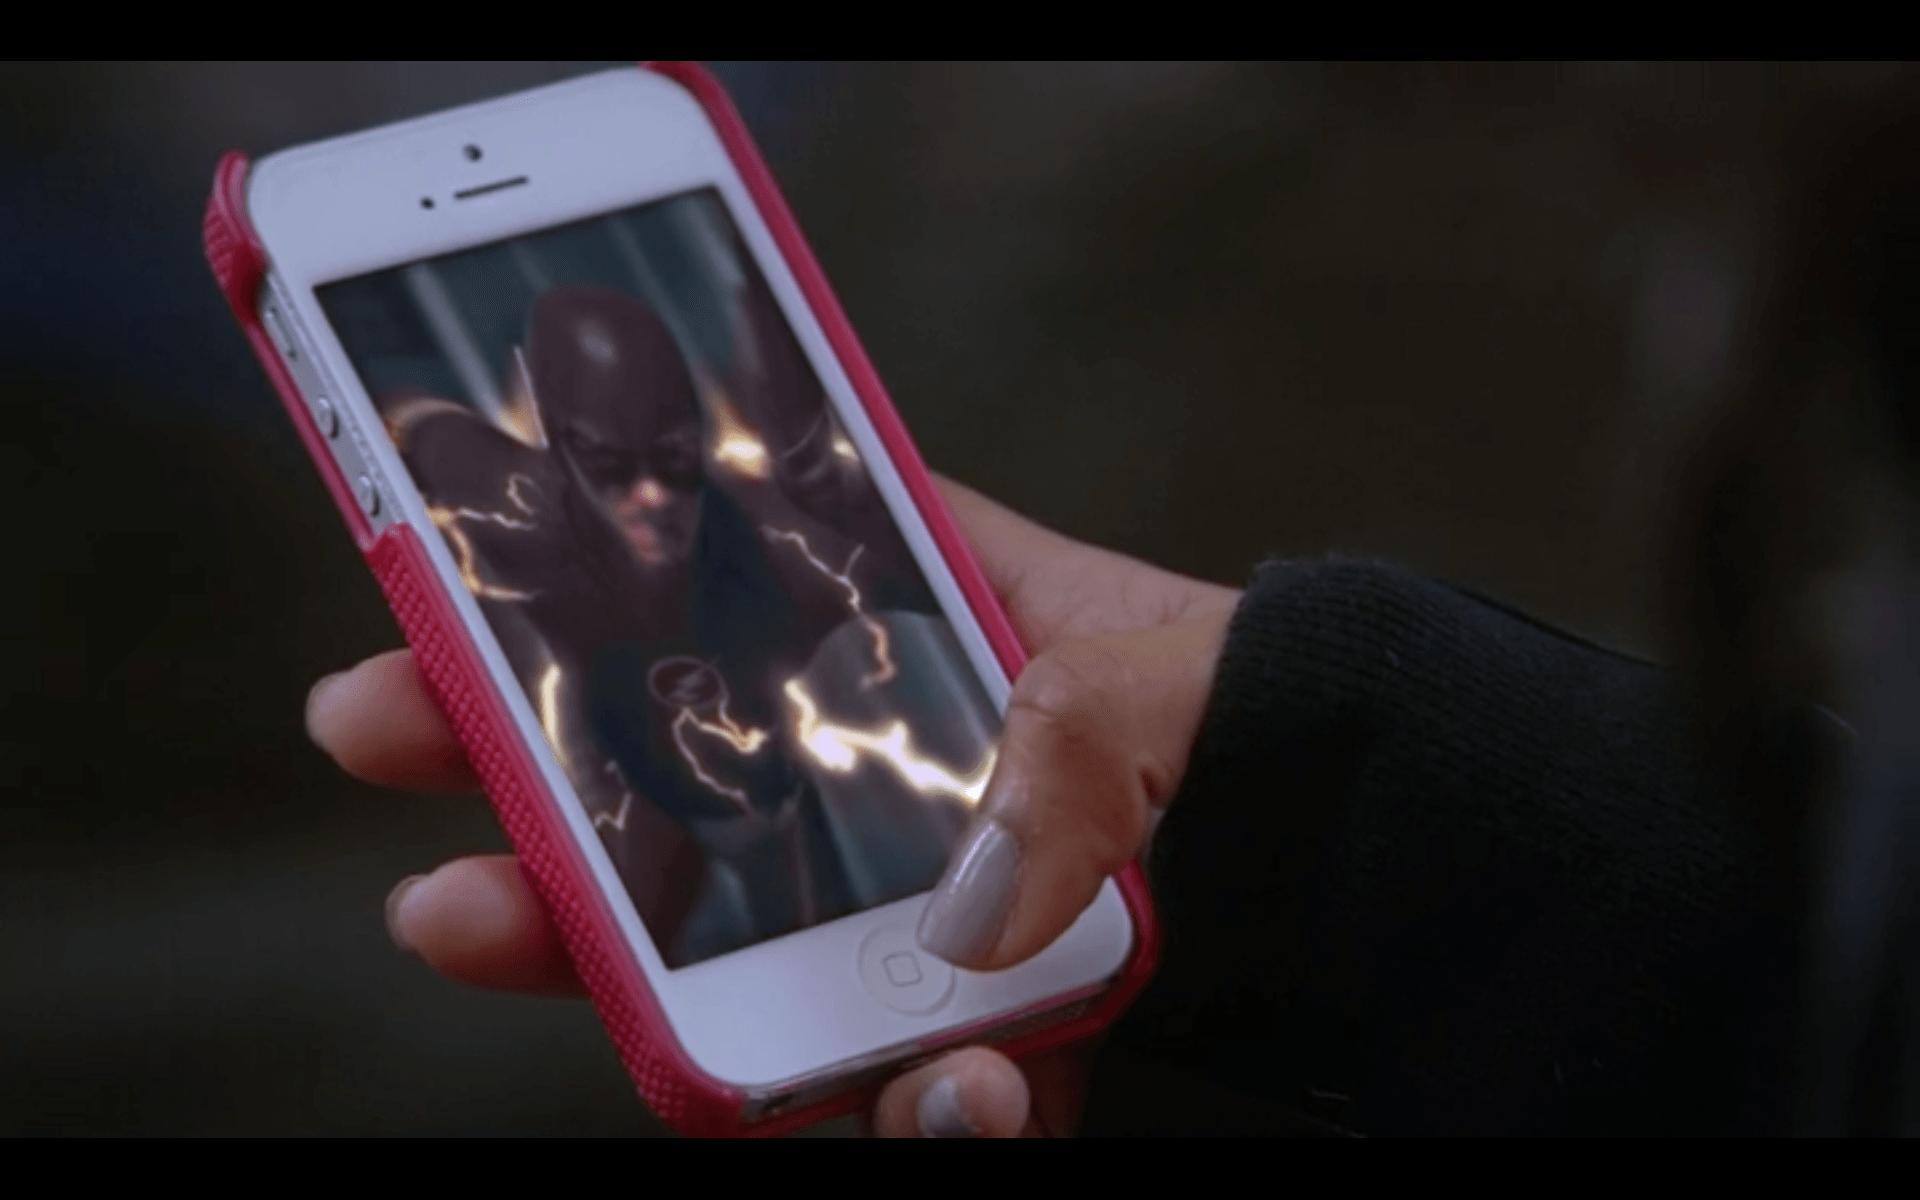 CW Flash iPhone Wallpaper - WallpaperSafari